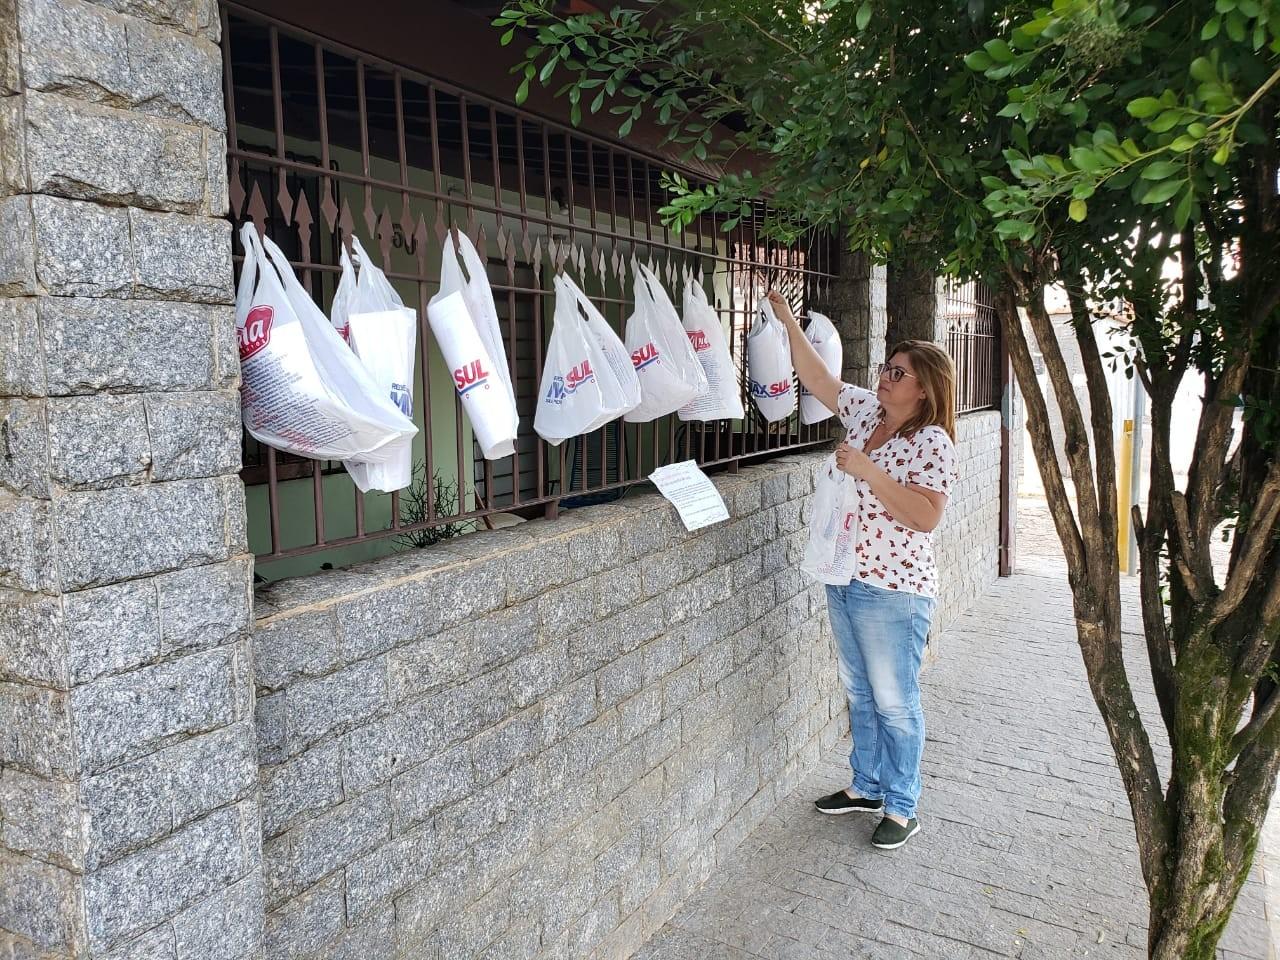 Andréia Machado, professora da cidade de Piranguinho, em Minas Gerais, dispõe sacolas com exercícios para seus alunos quinzenalmente (Foto: Arquivo pessoal)